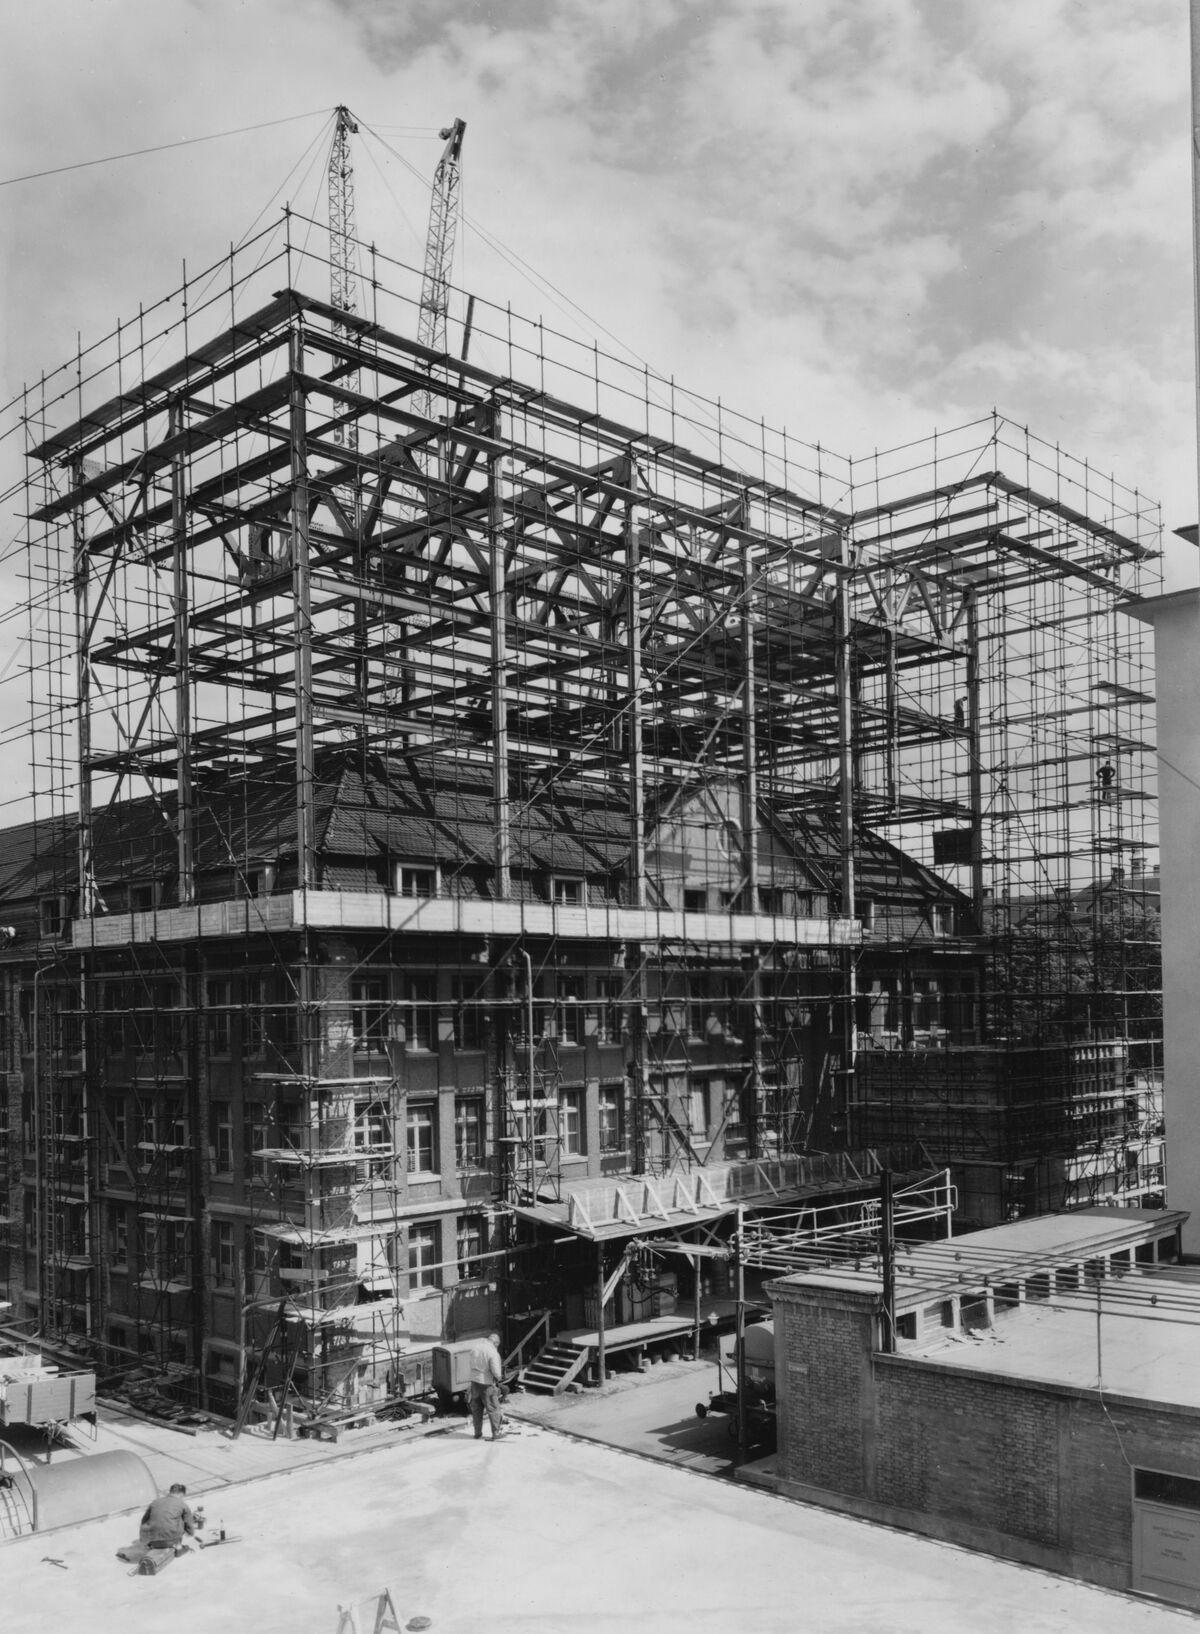 GFA 20/135.216: Stahl- und Brückenbau: Stahlgerüst Bau 147 CIBA